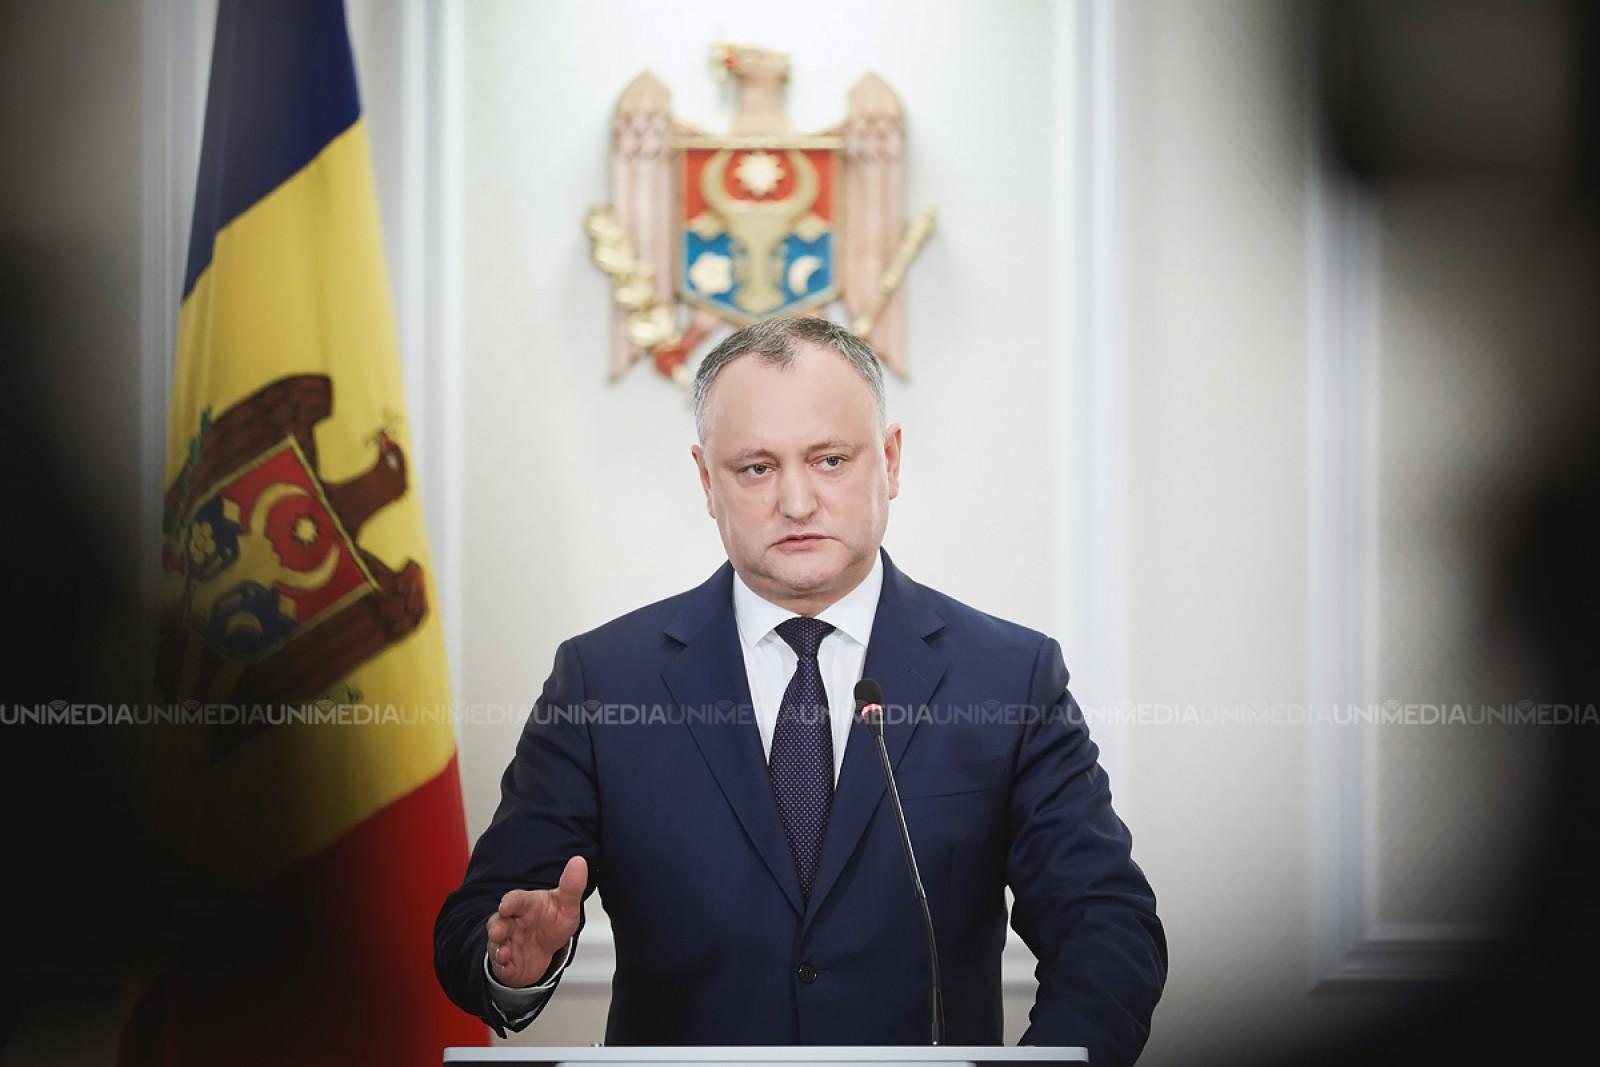 """Sondaj despre libertatea presei: Președinția, cea mai """"zgârcită"""" la oferirea informațiilor"""